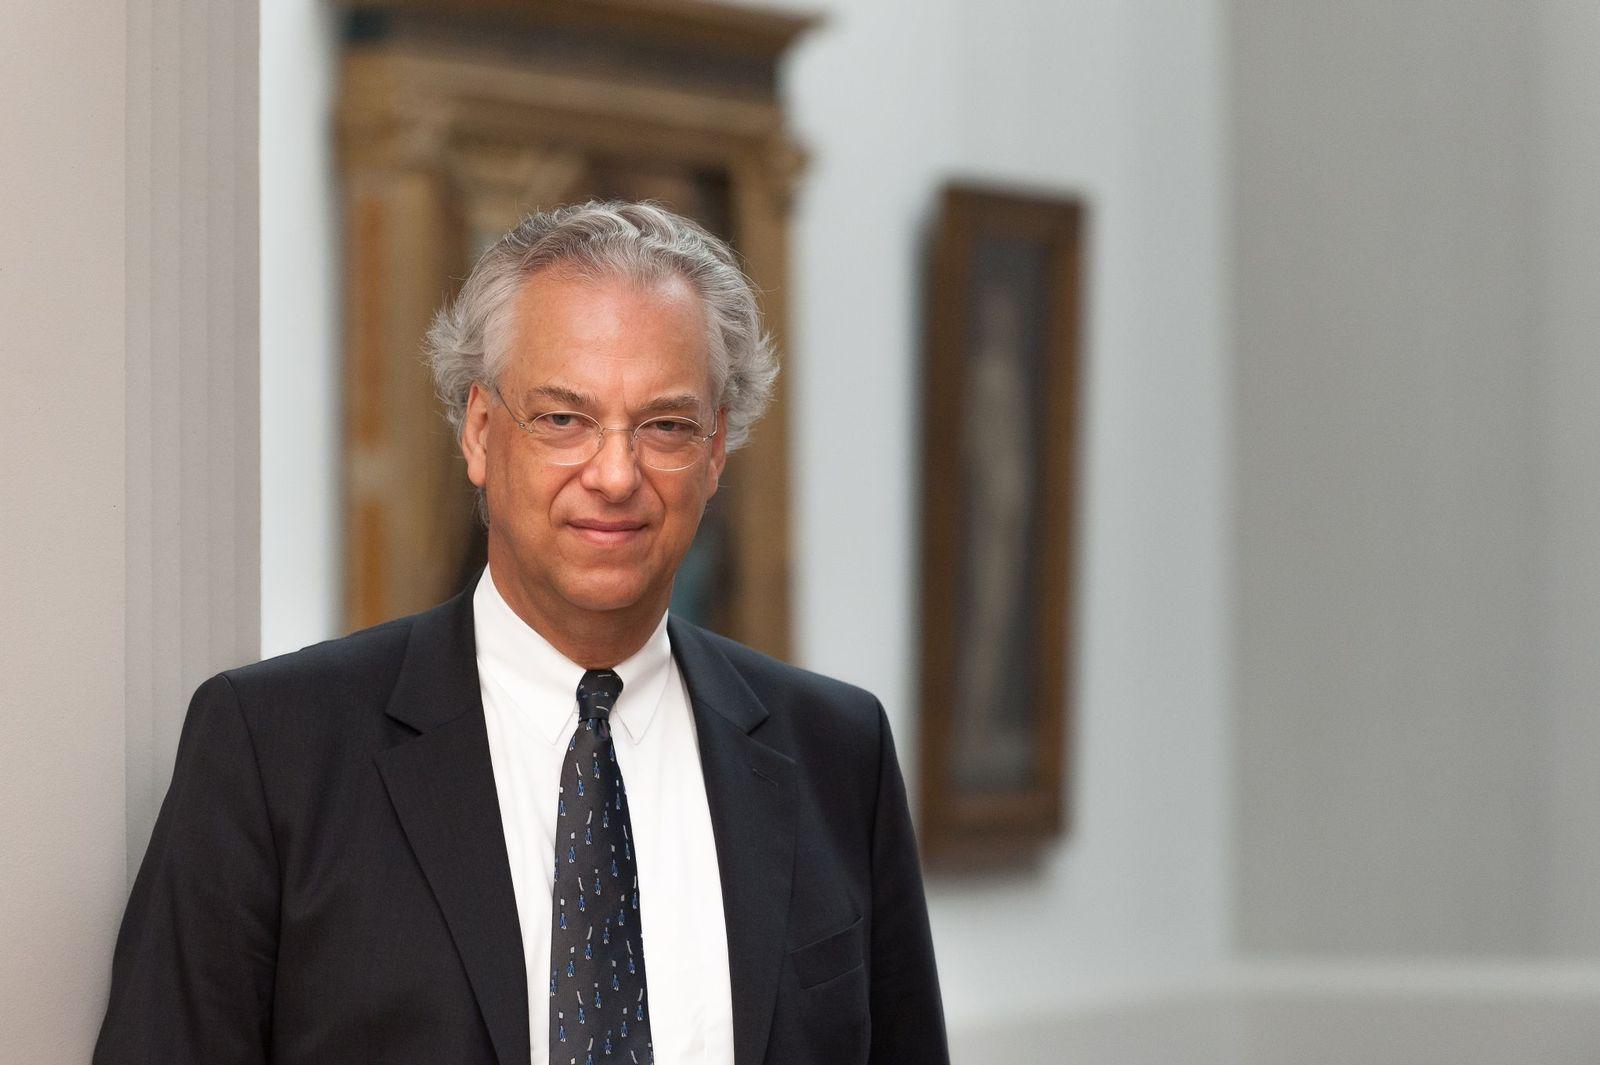 Michael Eissenhauer, Generaldirektor der Staatlichen Museen zu Berlin, in der Gemäldegalerie. Foto: Achim Kleuker